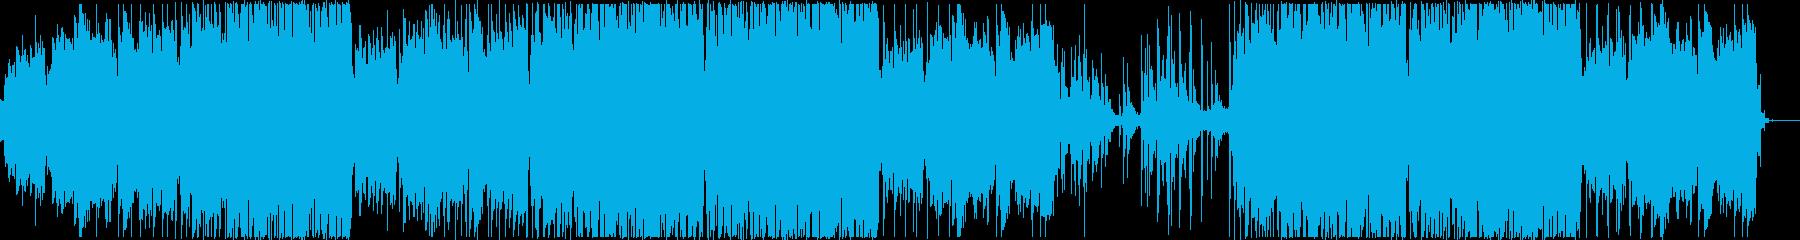 リラックスできるチル系ハウスの再生済みの波形